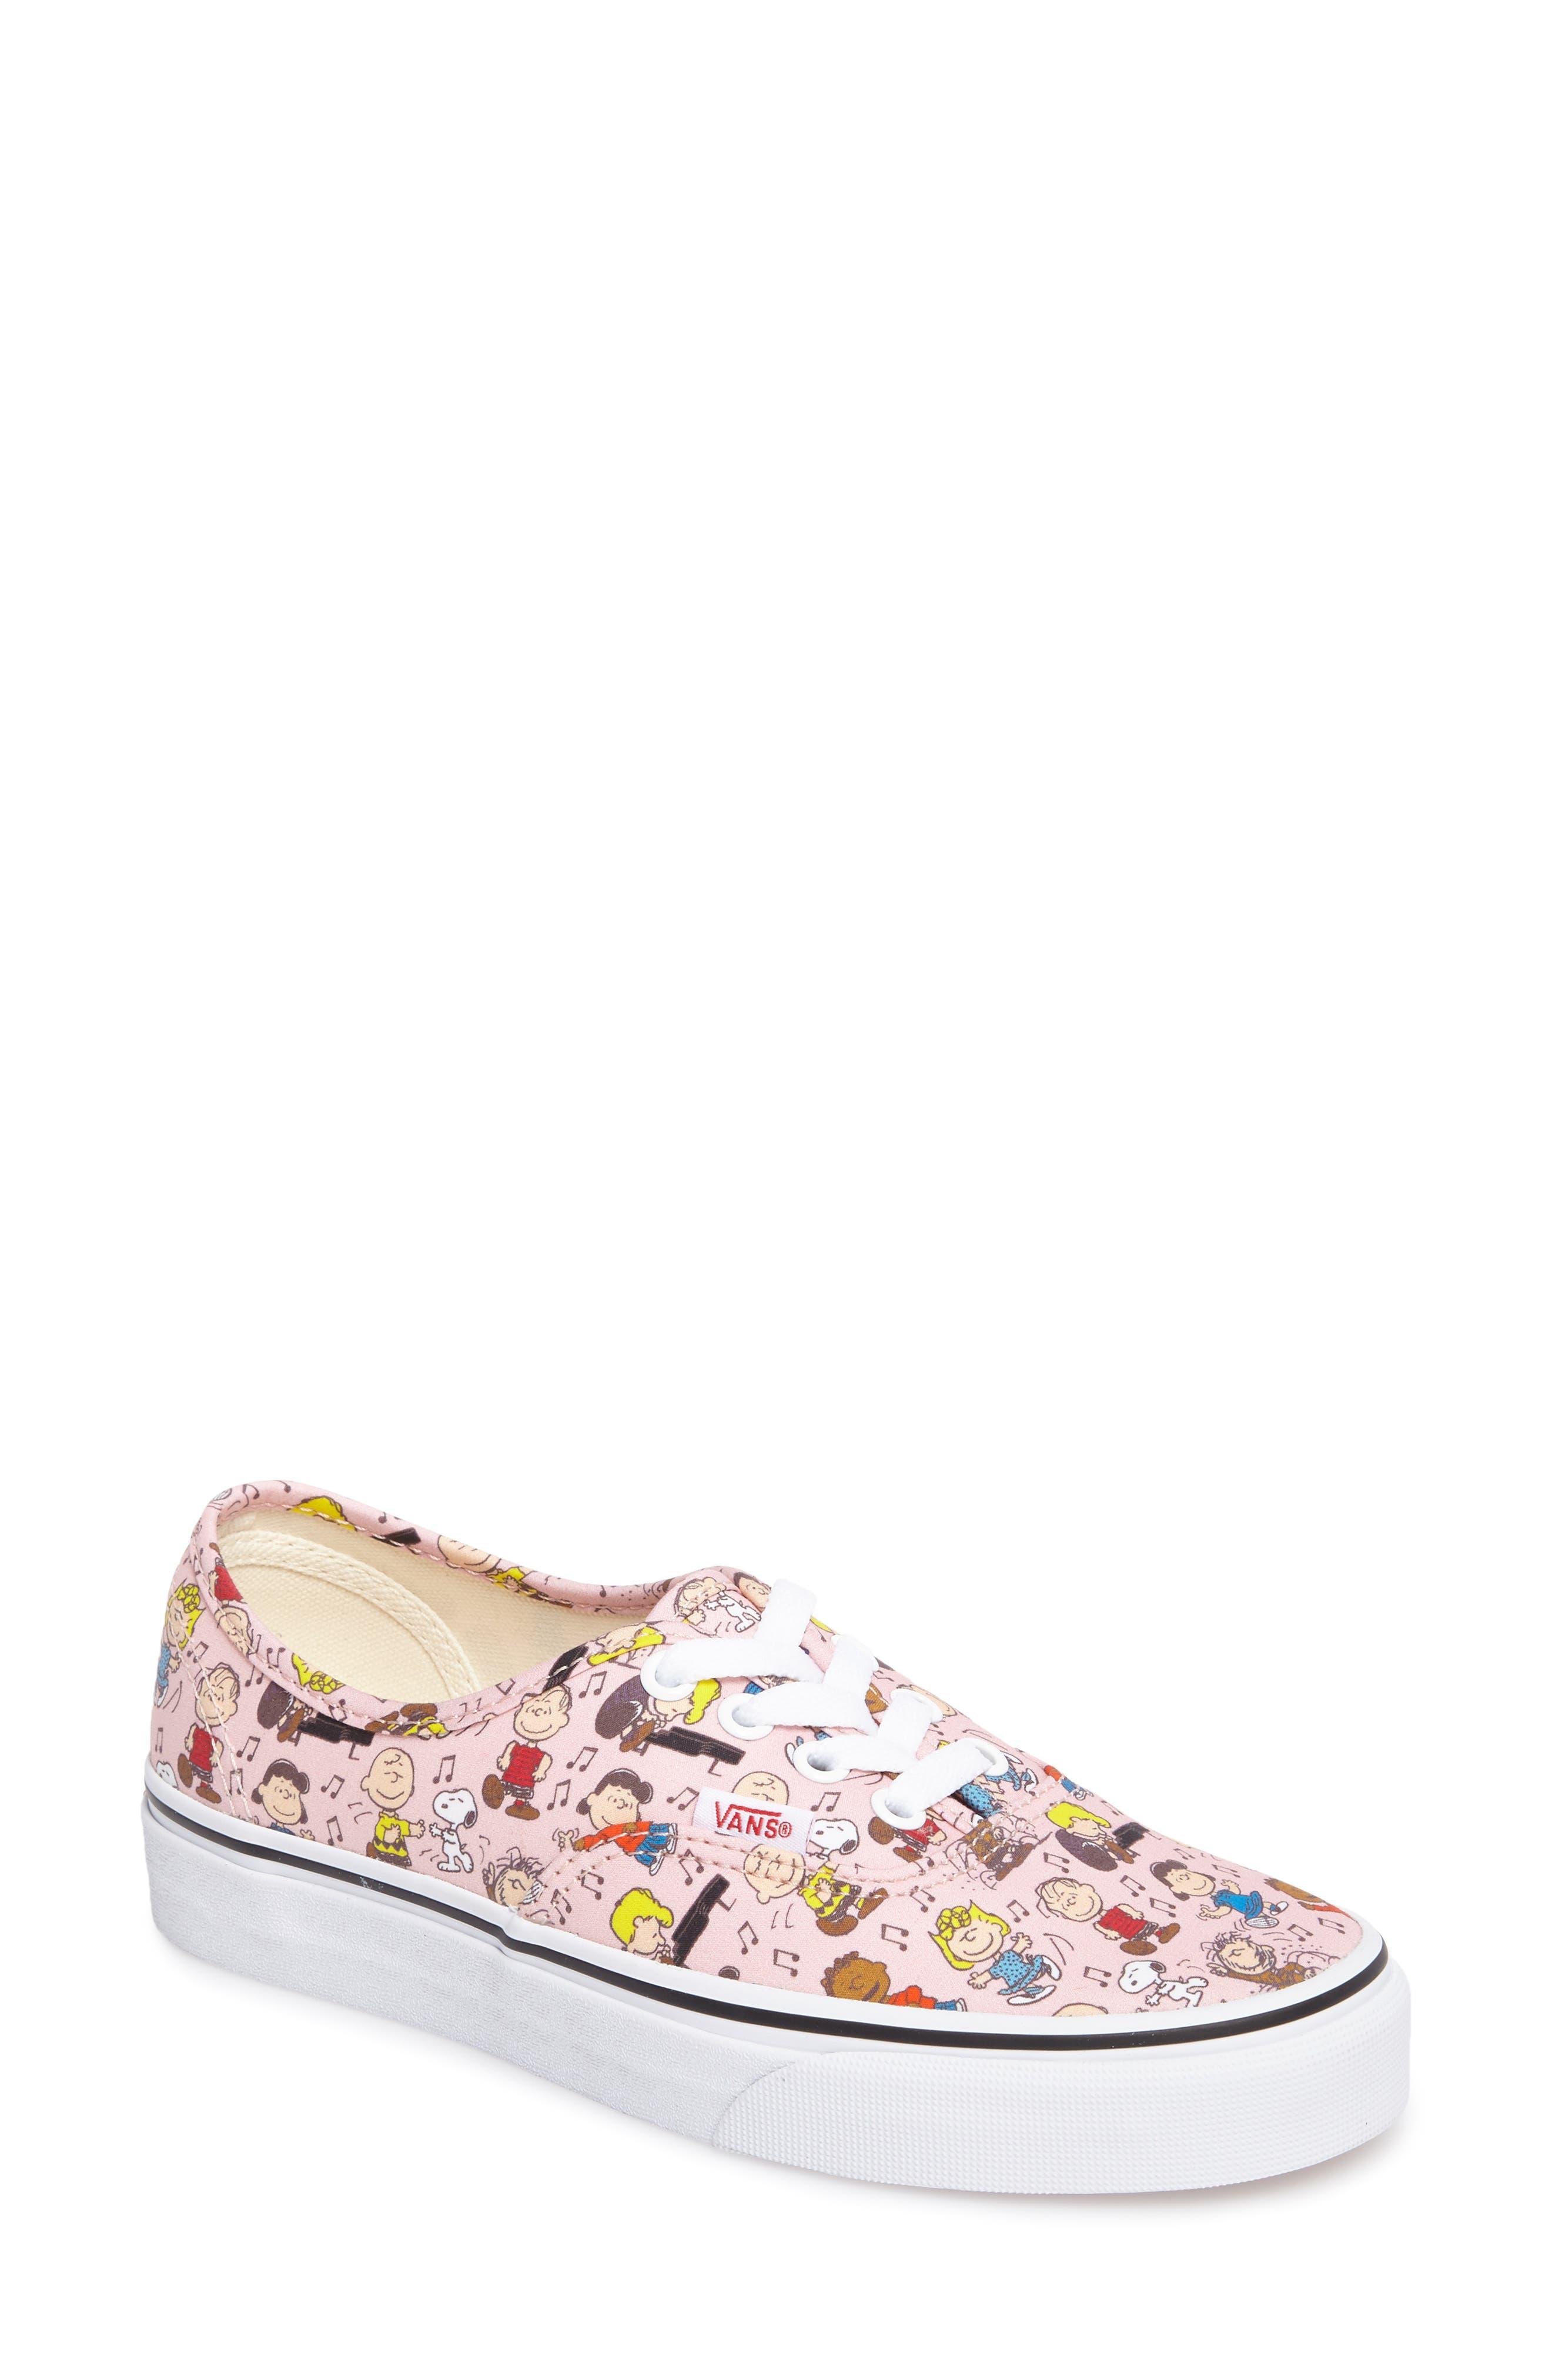 Vans x Peanuts Woodstock Authentic Sneaker (Women)